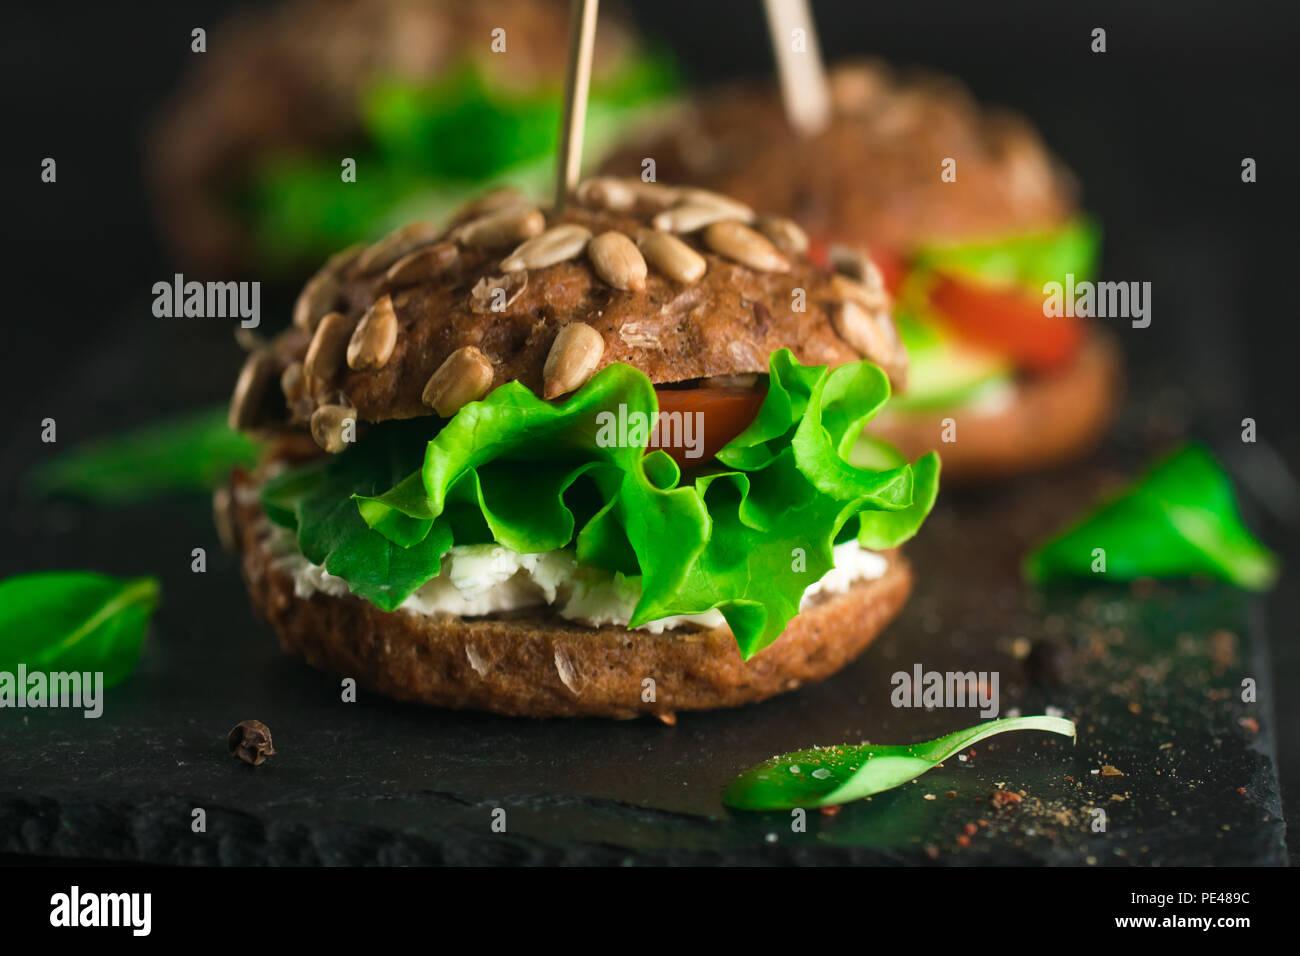 Sándwich con ensalada verde, tomate, pepino y queso crema sobre hormigón desk. Imagen De Stock